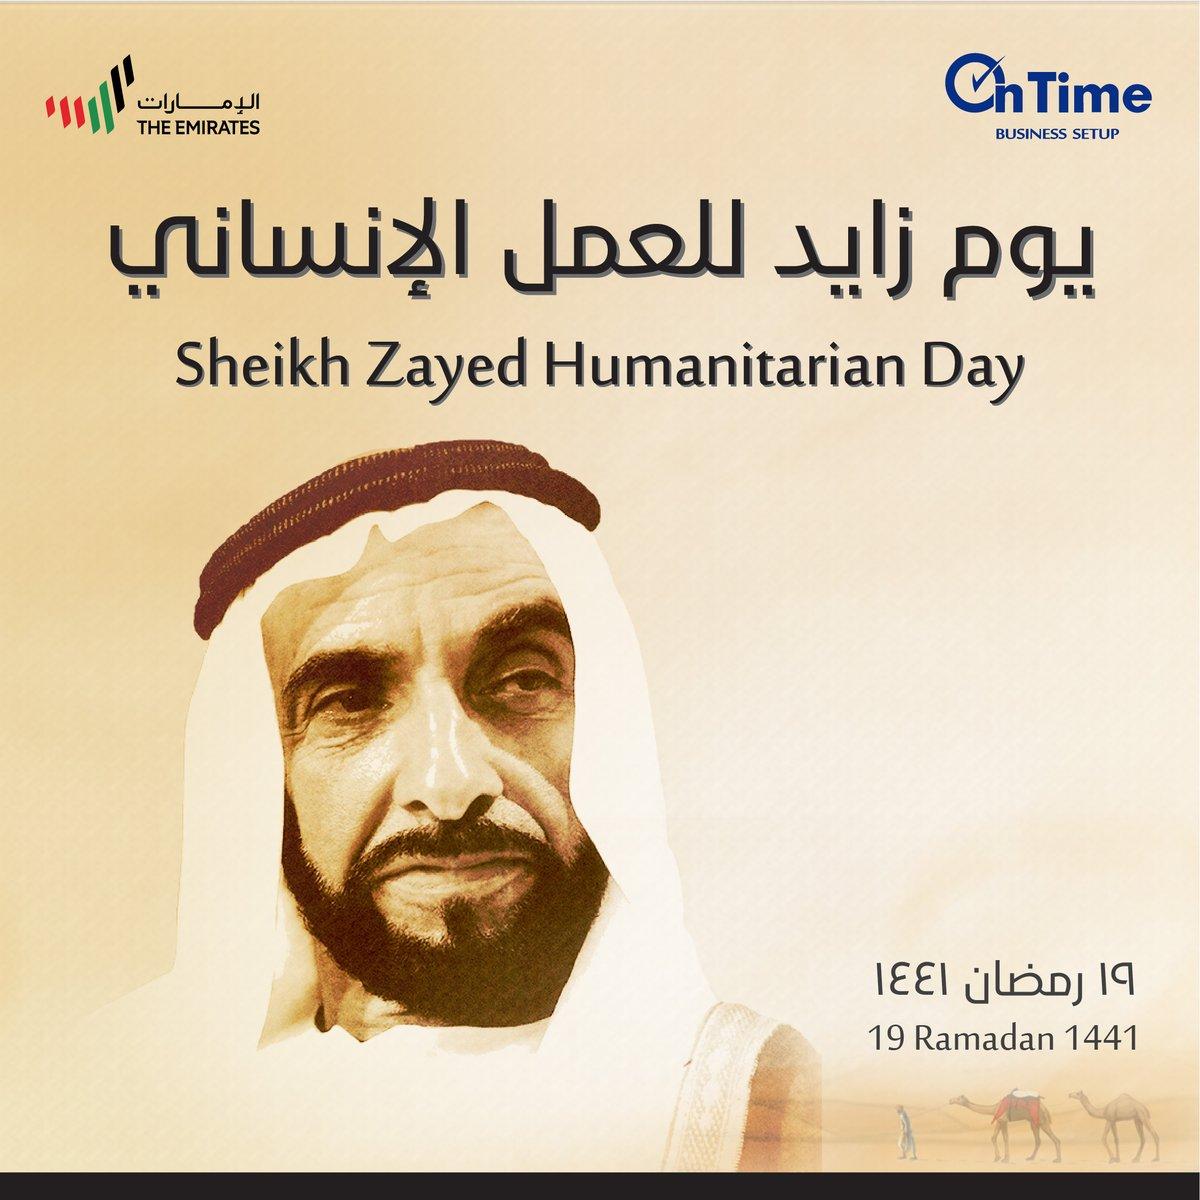 حب ووفاء لزايد العطاء رحمك الله وأسكنك فسيح جناته. #يوم_زايد_للعمل_الإنساني #ZayedHumanitarianDay https://t.co/8oAbgEIXPH